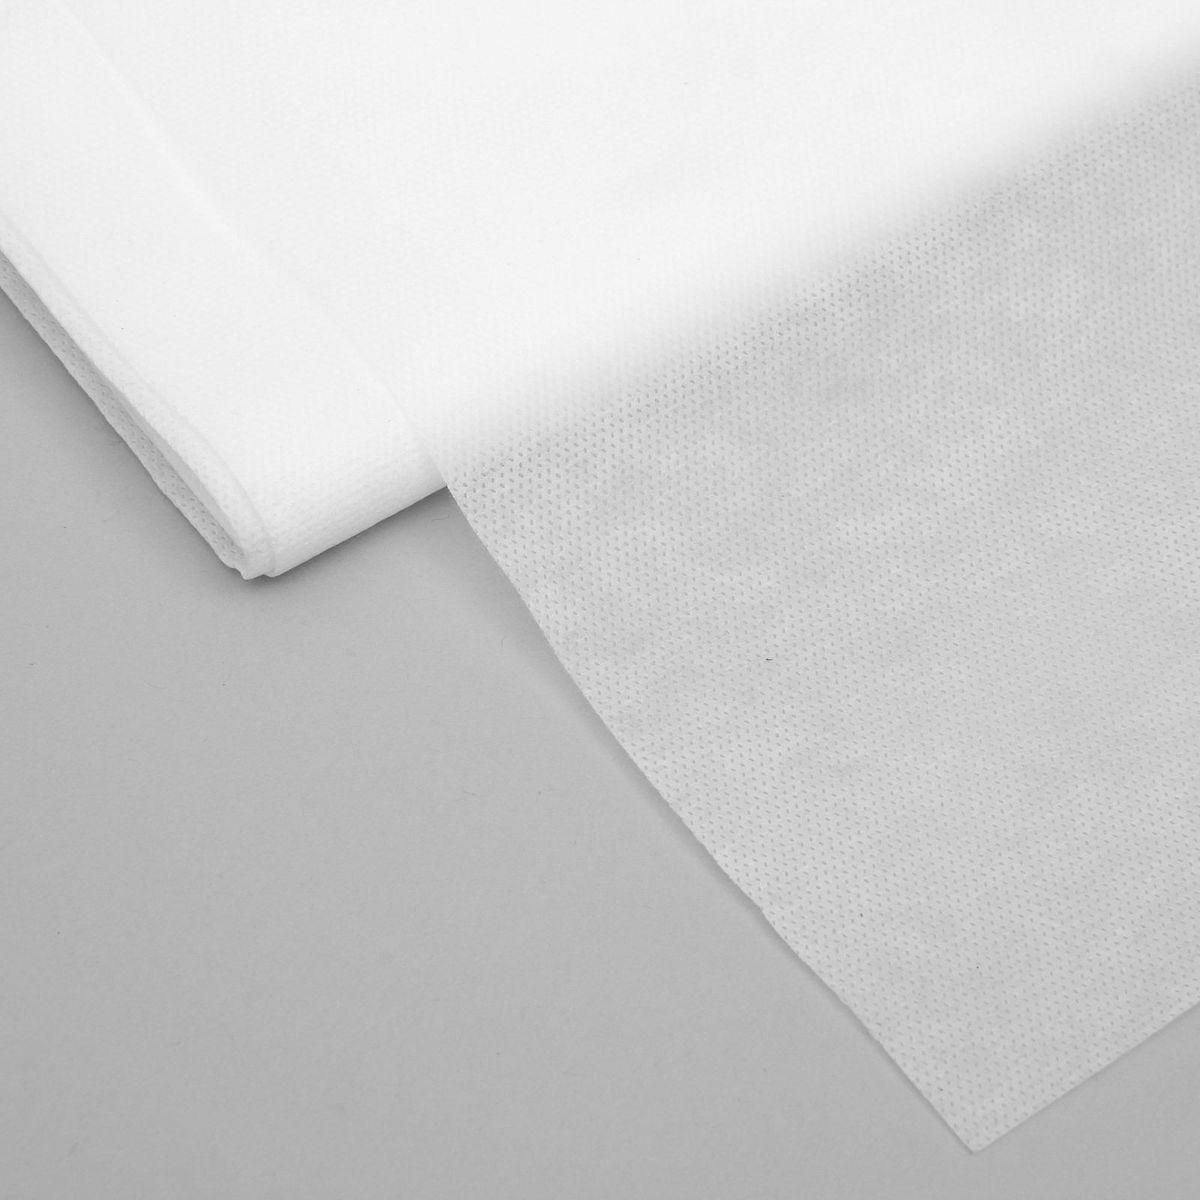 Чехол для парника, 8 секций, 10 х 2,1 м531-401Чехол предназначен для изготовления парника своими руками или для замены материала готового изделия. Цельная ткань плотностью 45 г,м? не имеет стыков и соединений. Она разделена на 8 секций простроченными каналами для дуг. Чтобы смастерить парник своими руками, вам понадобятся также клипсы и крестообразные ножки.